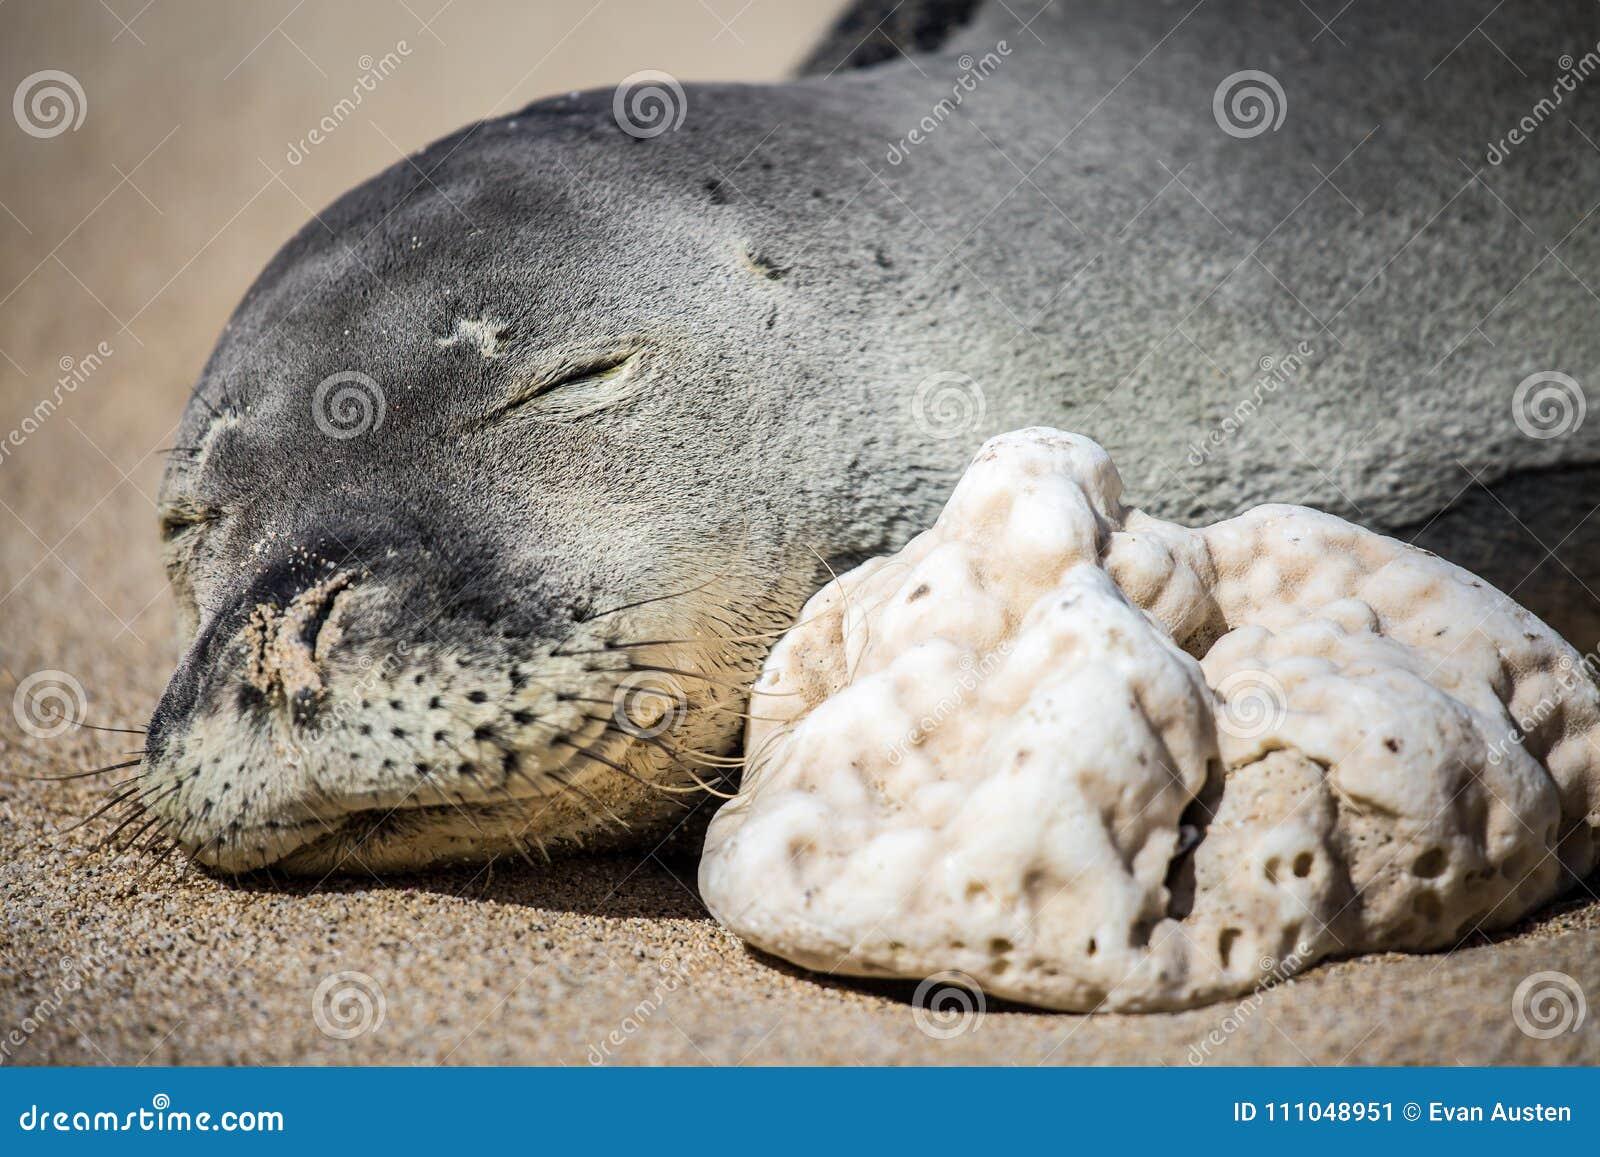 Sleeping Hawaiian monk seal on the beach